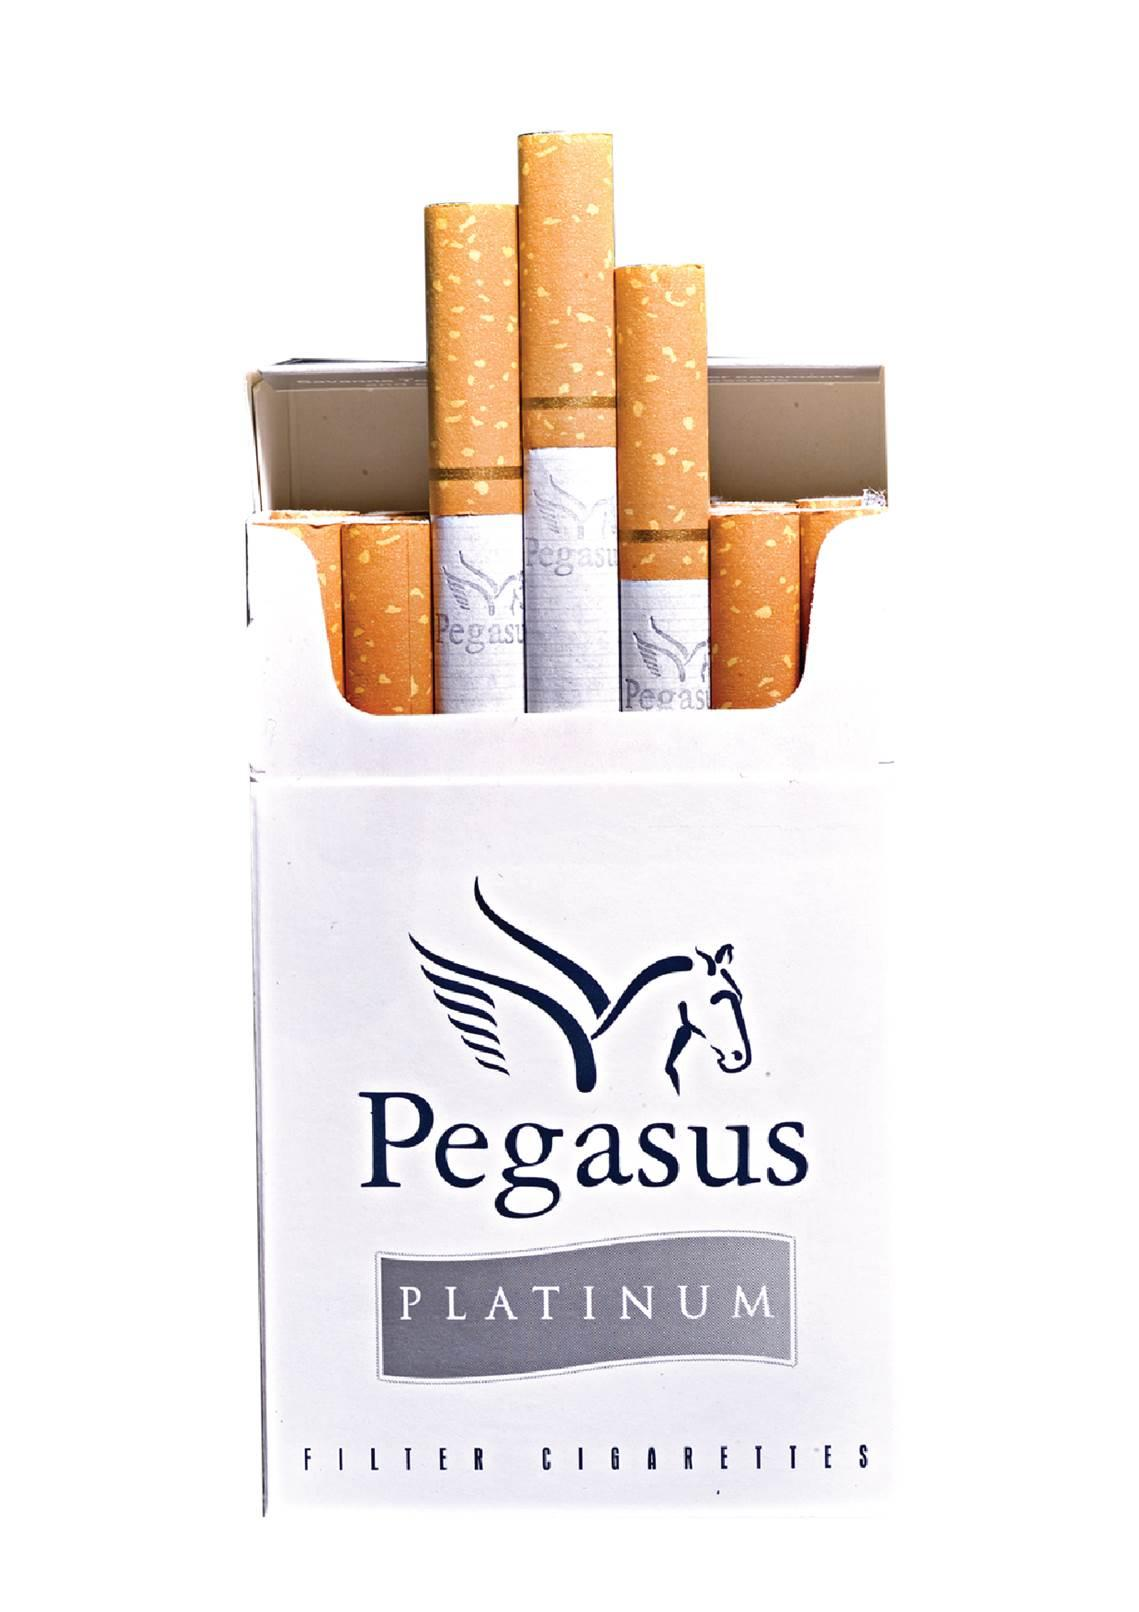 Pegasus Platinum